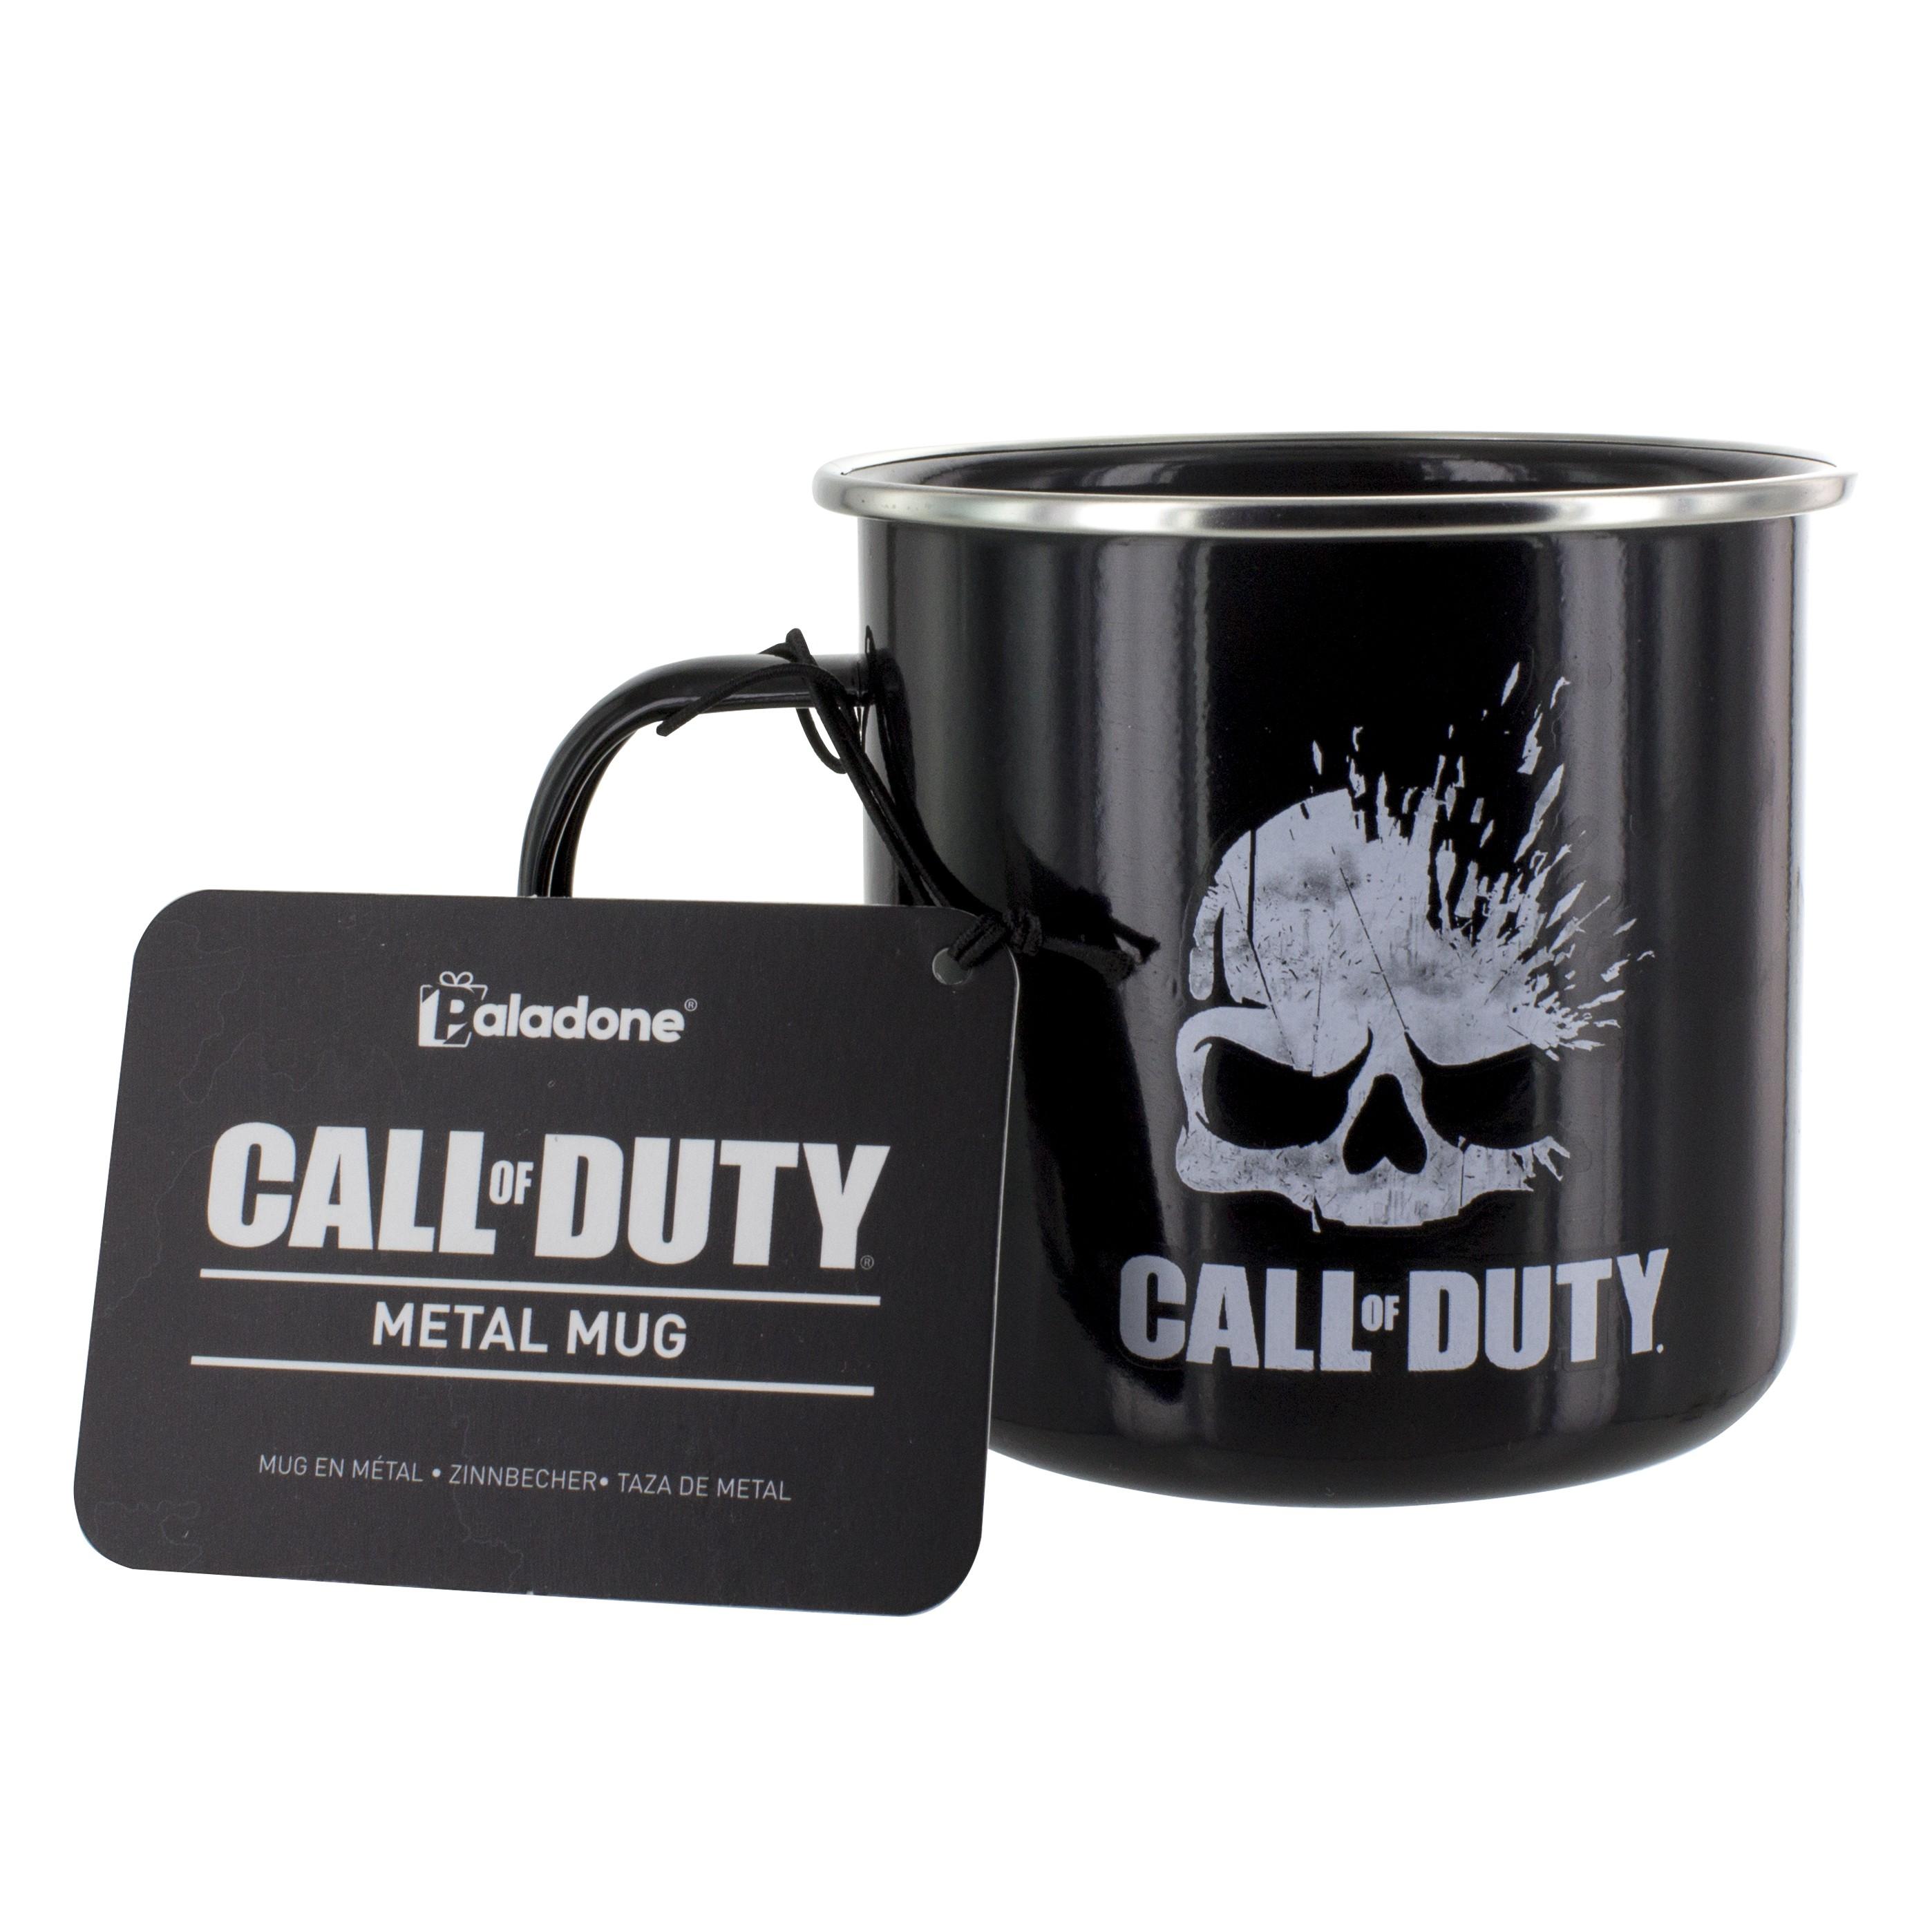 Call of Duty Tin Mug